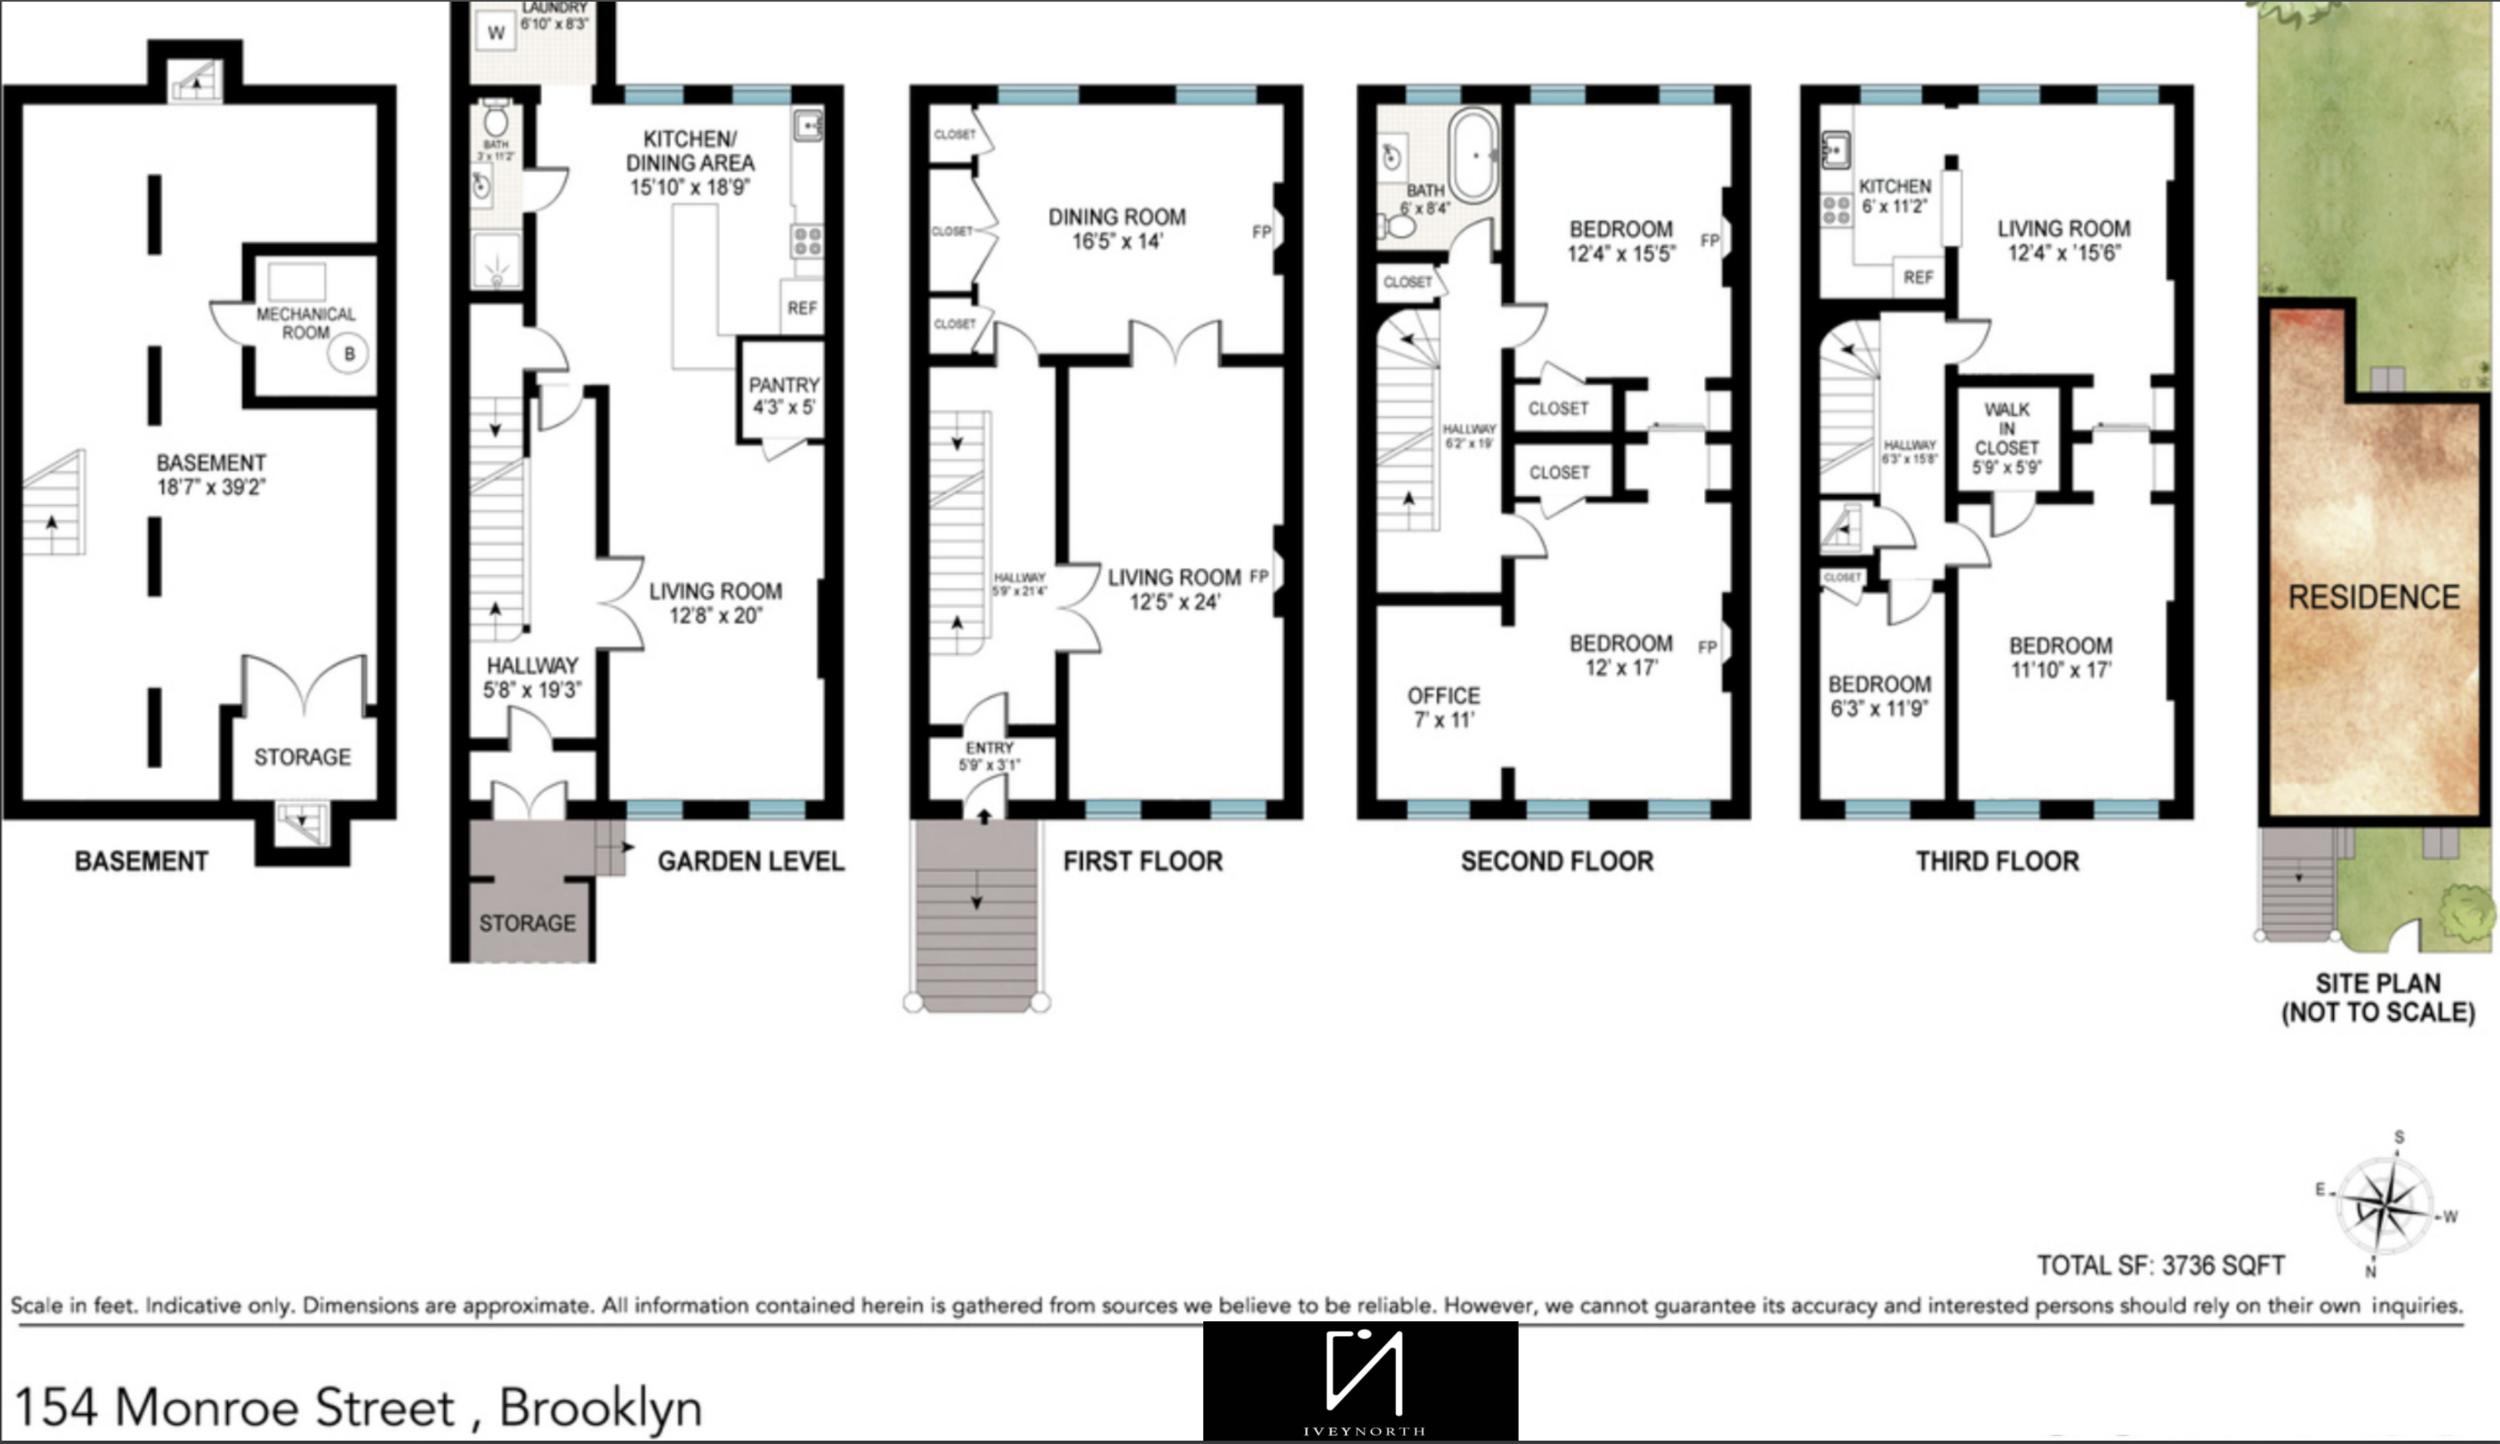 154 Monroe Street Floor Plan.png